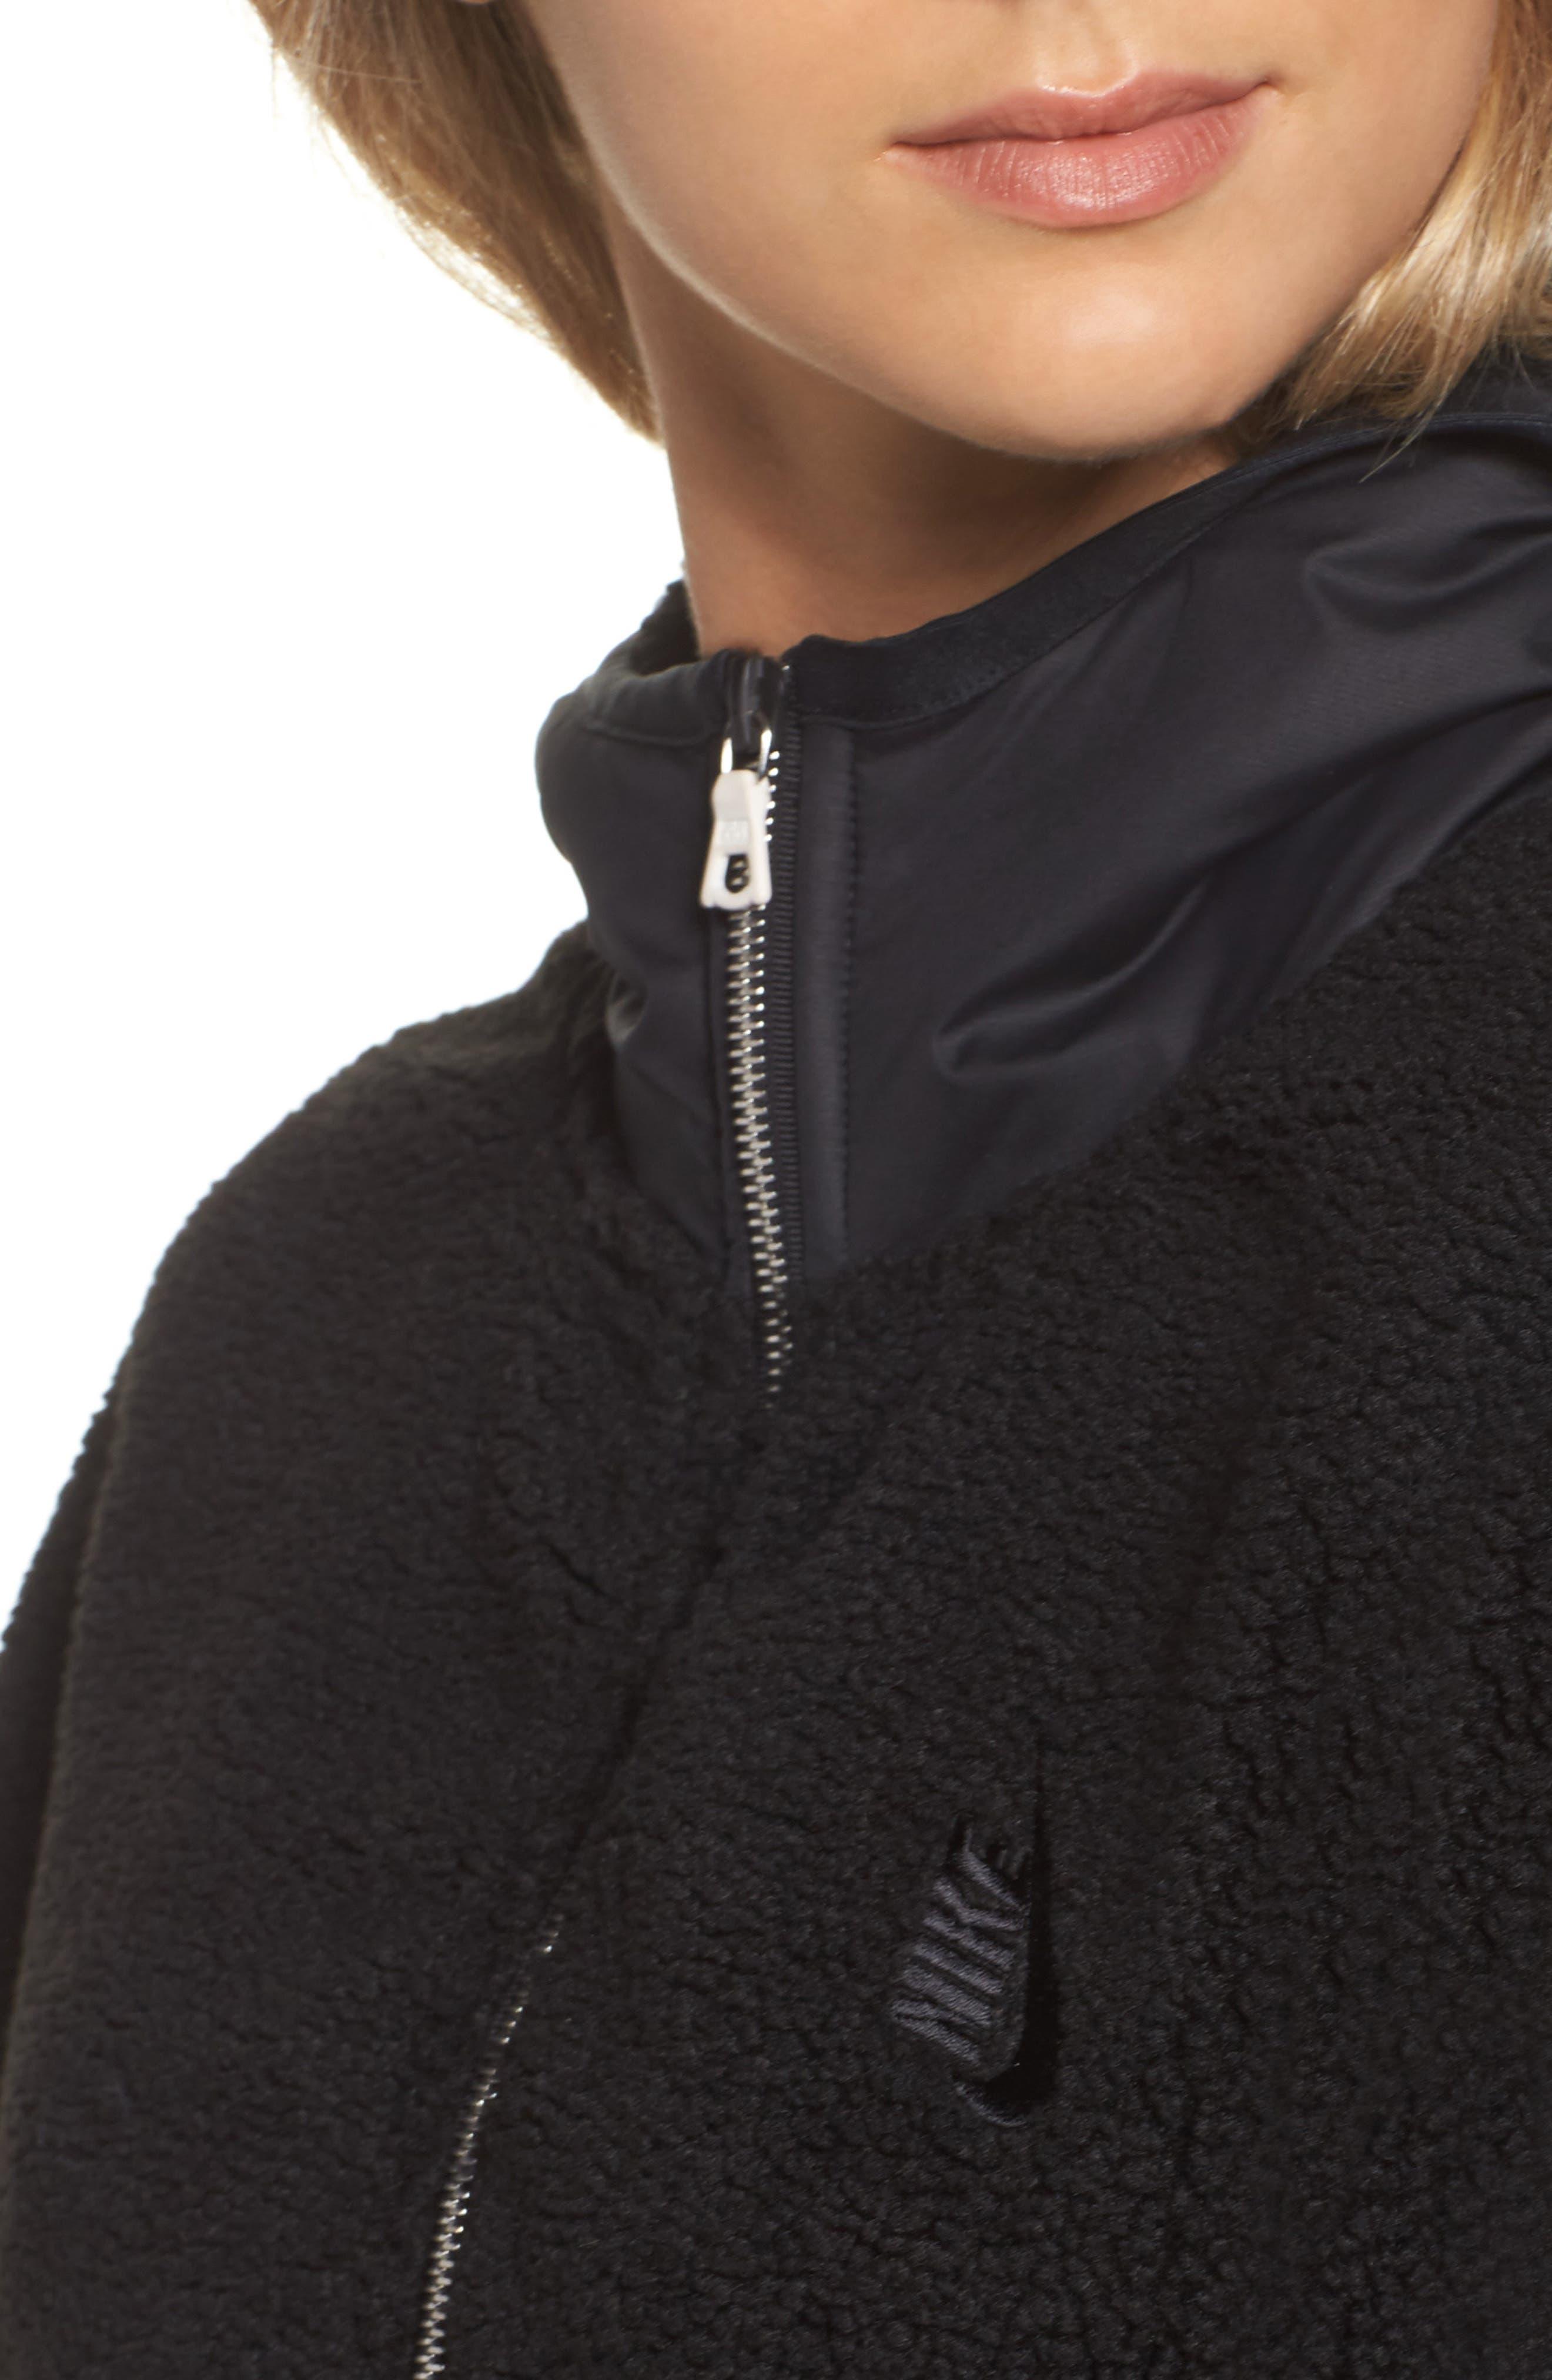 NikeLab Essential Half Zip Fleece Hoodie,                             Alternate thumbnail 4, color,                             010